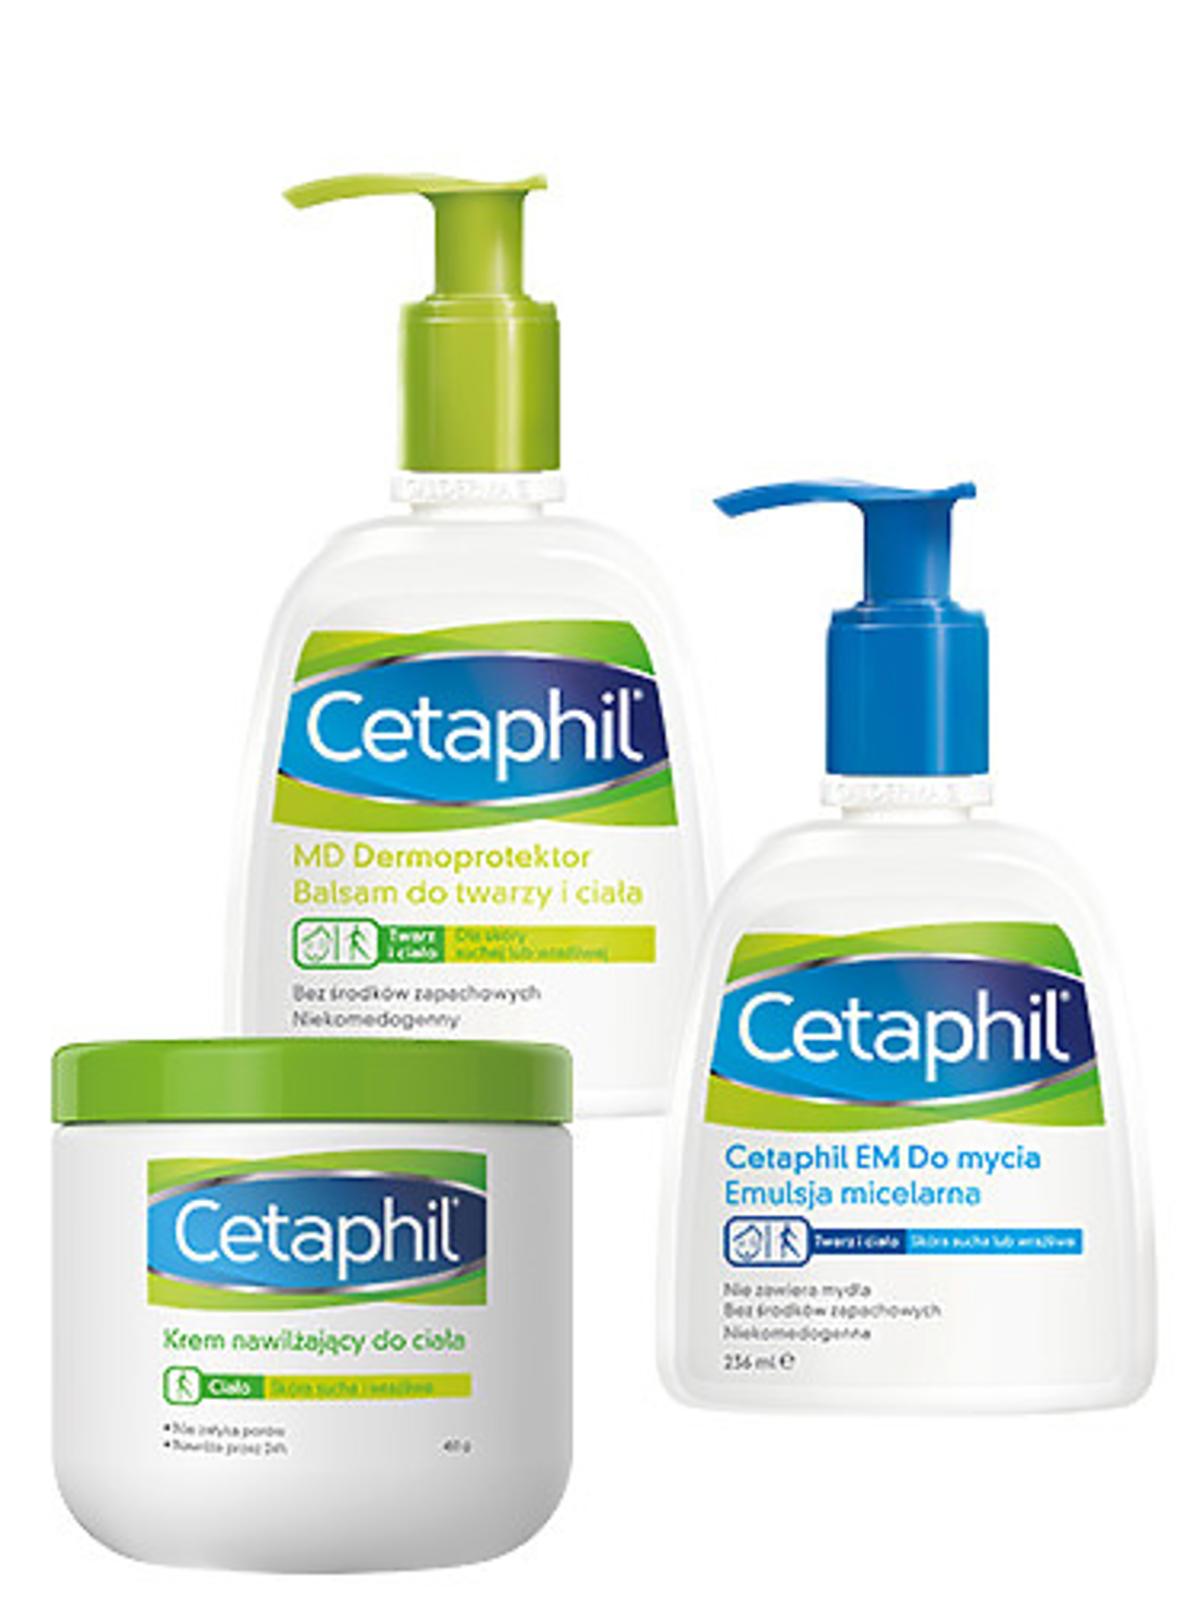 Kosmetyki Cetaphil